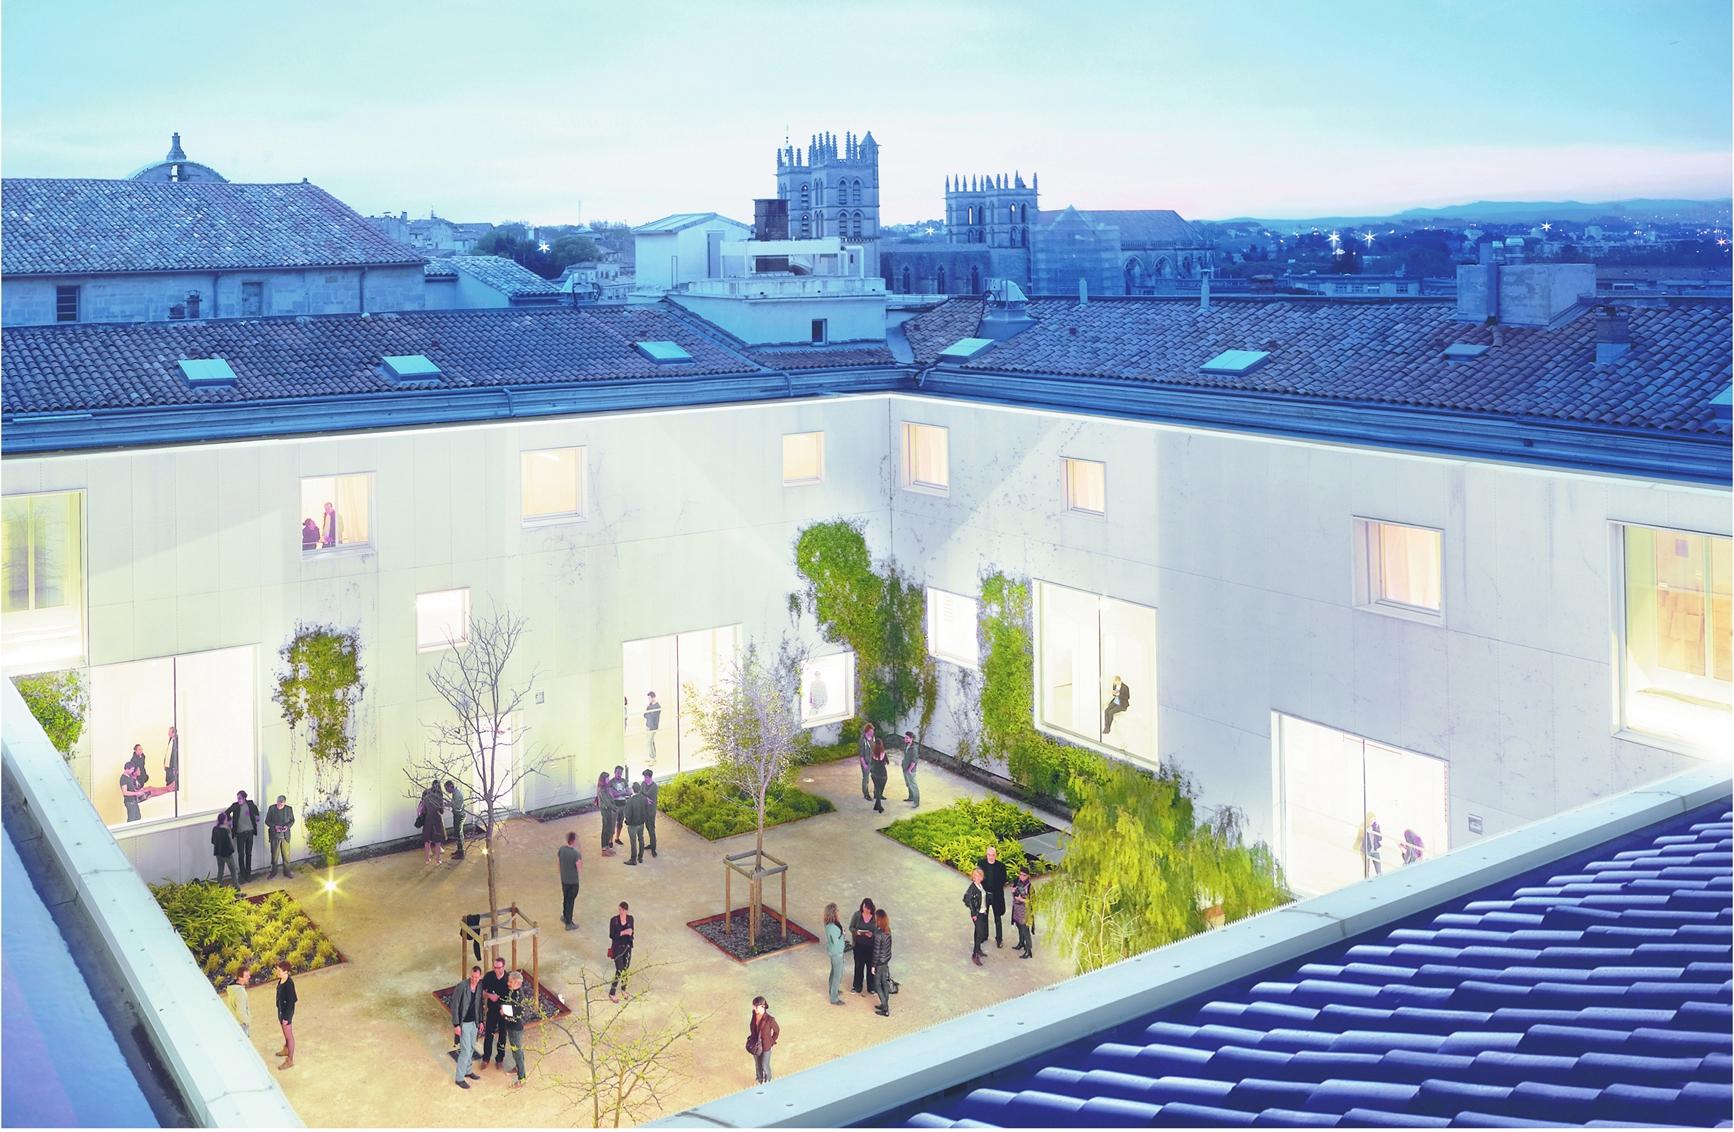 Coup de projecteur sur La Panacée • Centre d'art contemporain de Montpellier 14